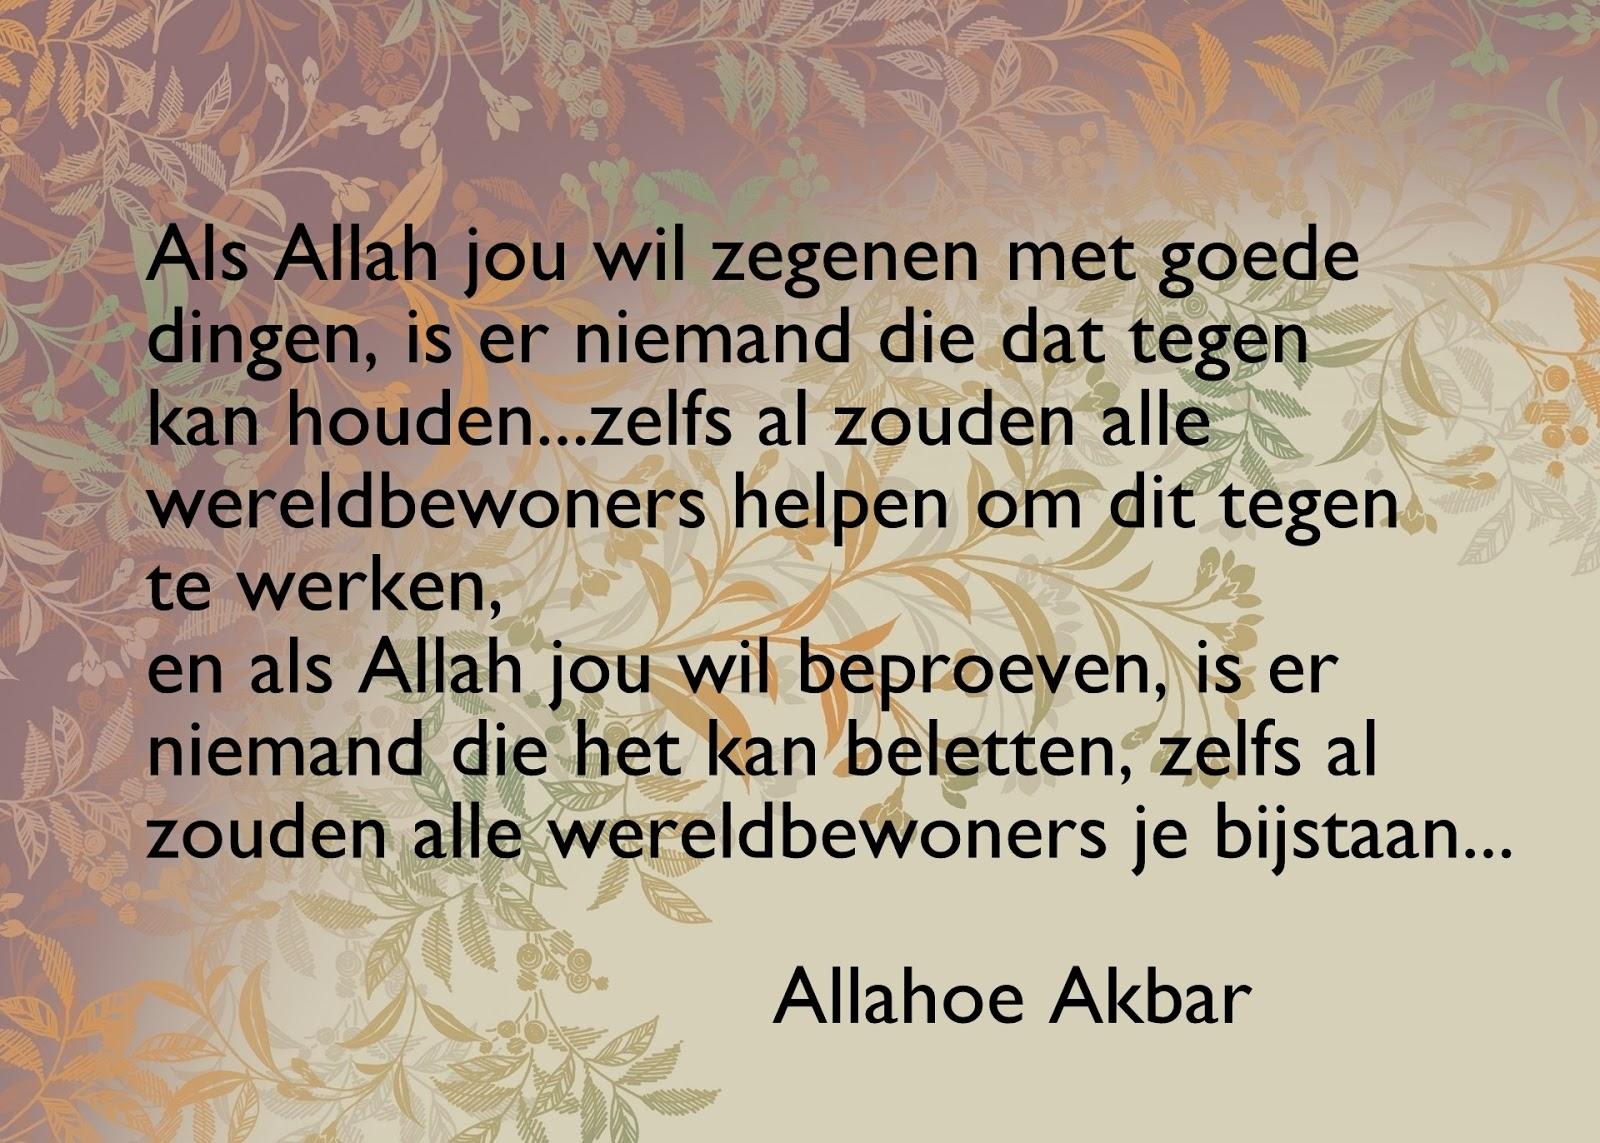 spreuken islam Wijze Spreuken Islam   ARCHIDEV spreuken islam